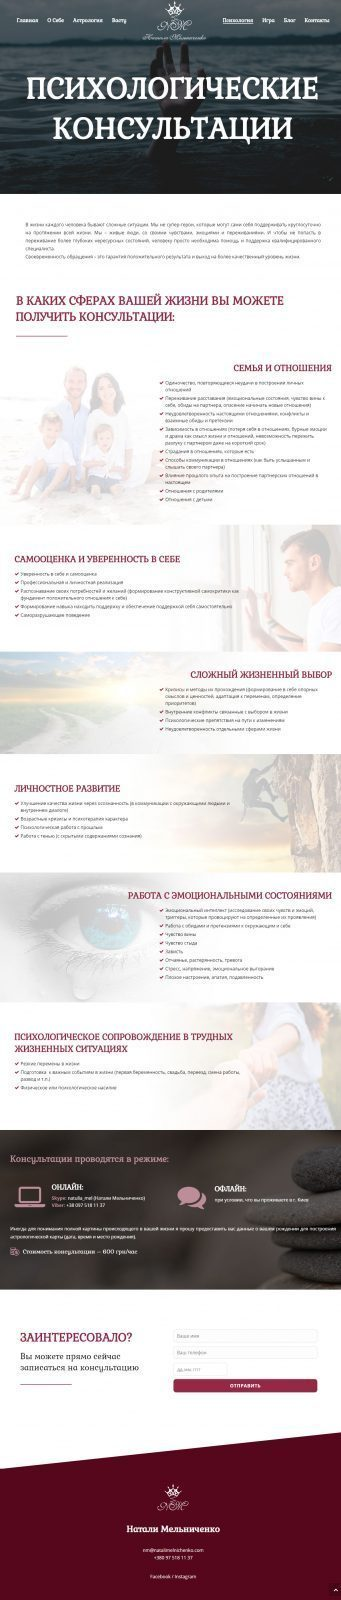 natalimelnichenko-psyho